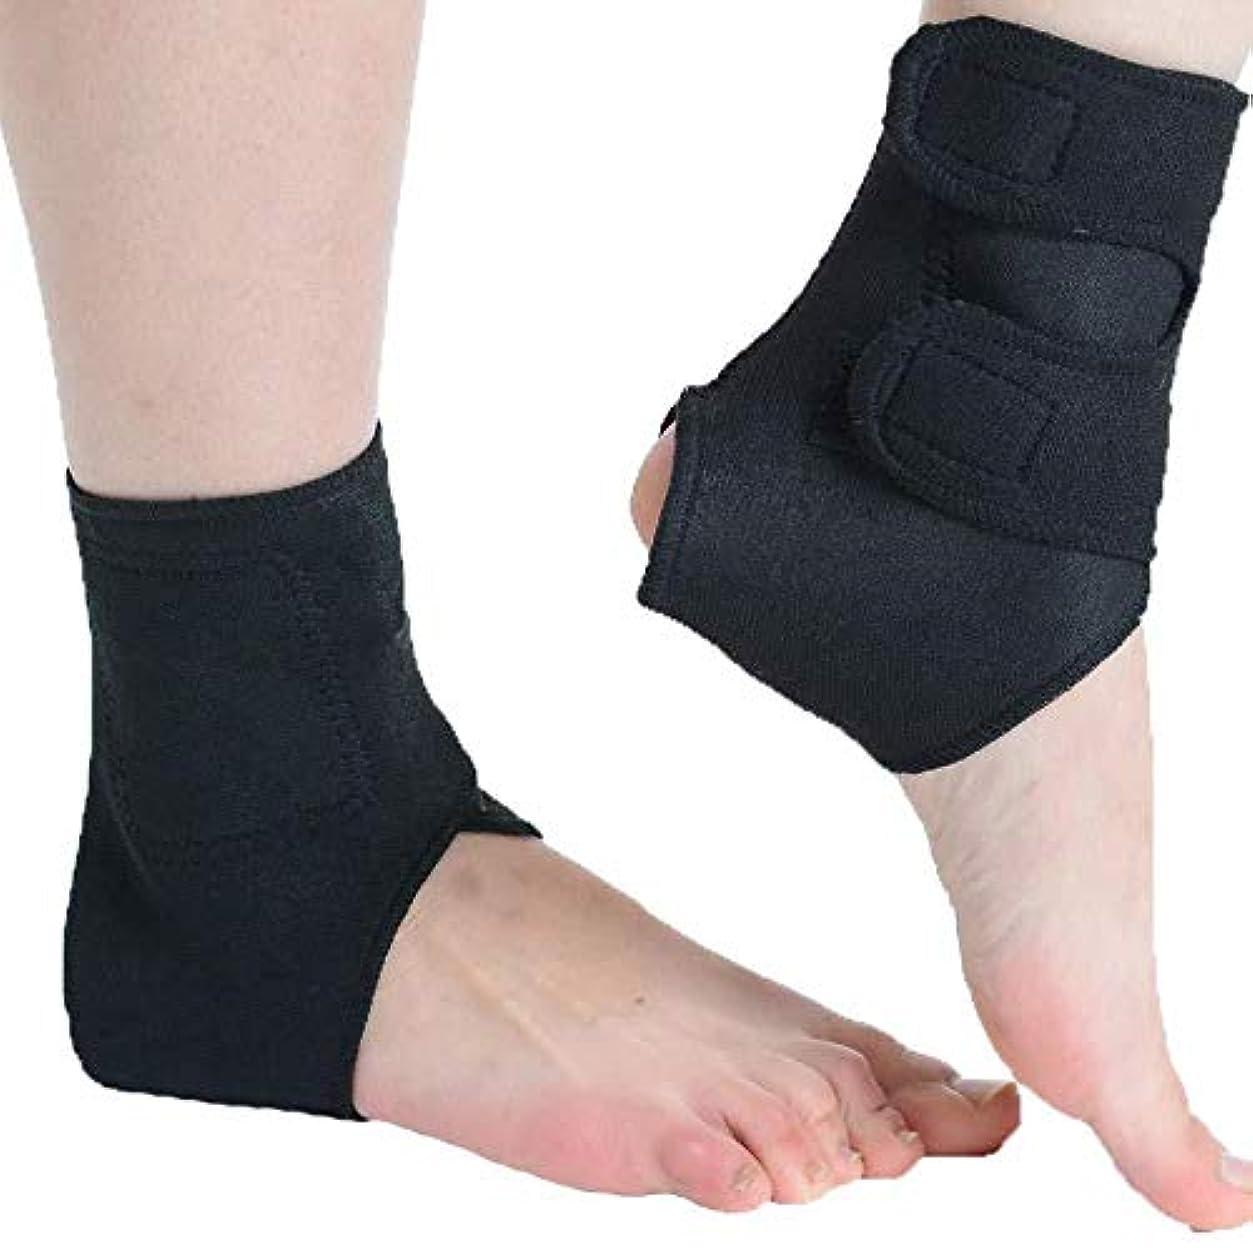 不適切な物理コンバーチブルつま先セパレーター、歩行、ランニング、休息、つま先パッド用の矯正用つま先セパレーター。足の痛みを和らげます